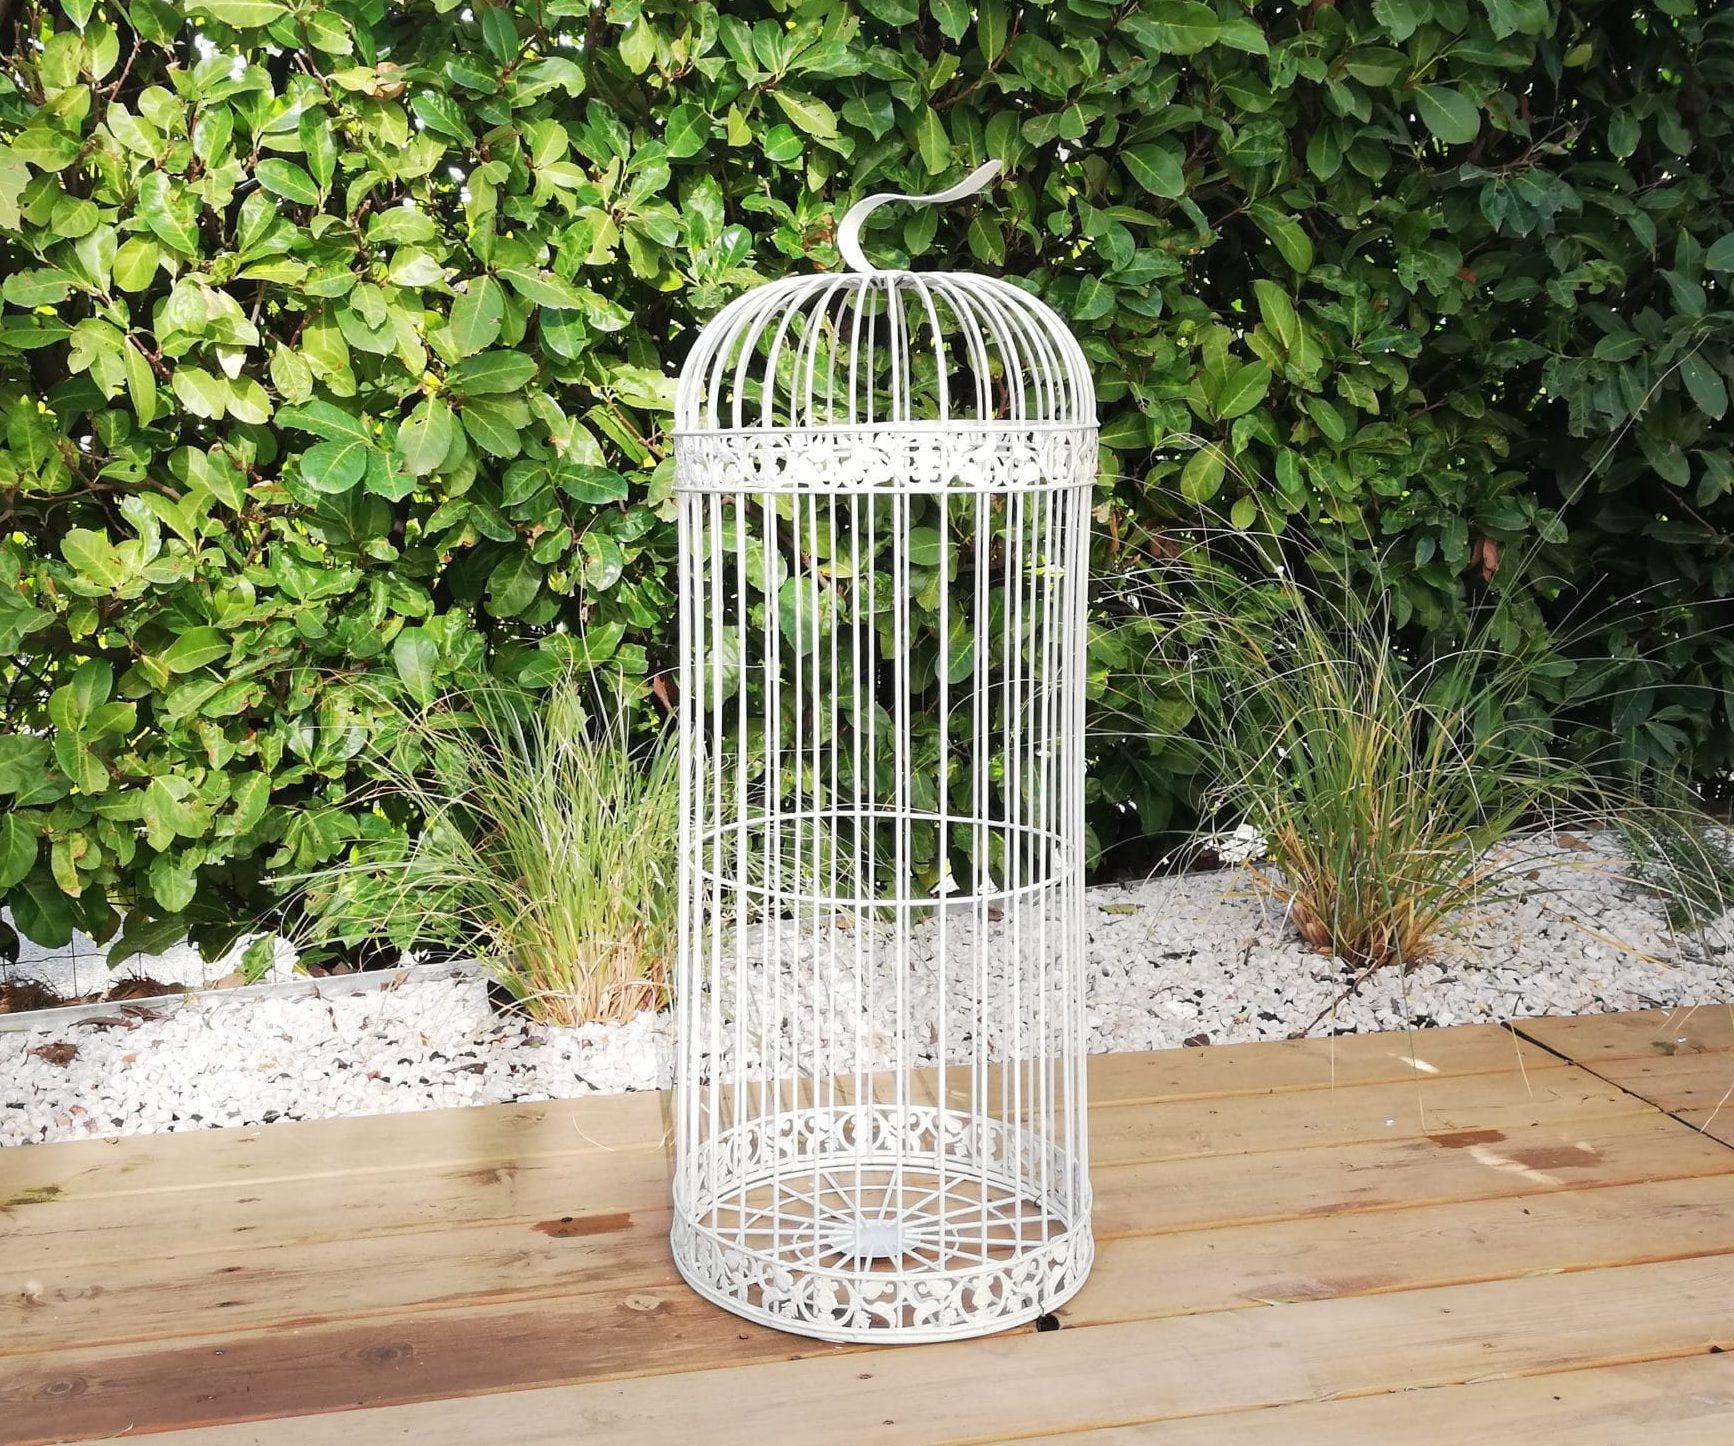 location d'une grande cage à ouiseau blanche pour décoration florale, bougies ou urne des mariés proposée par esprit pop'up